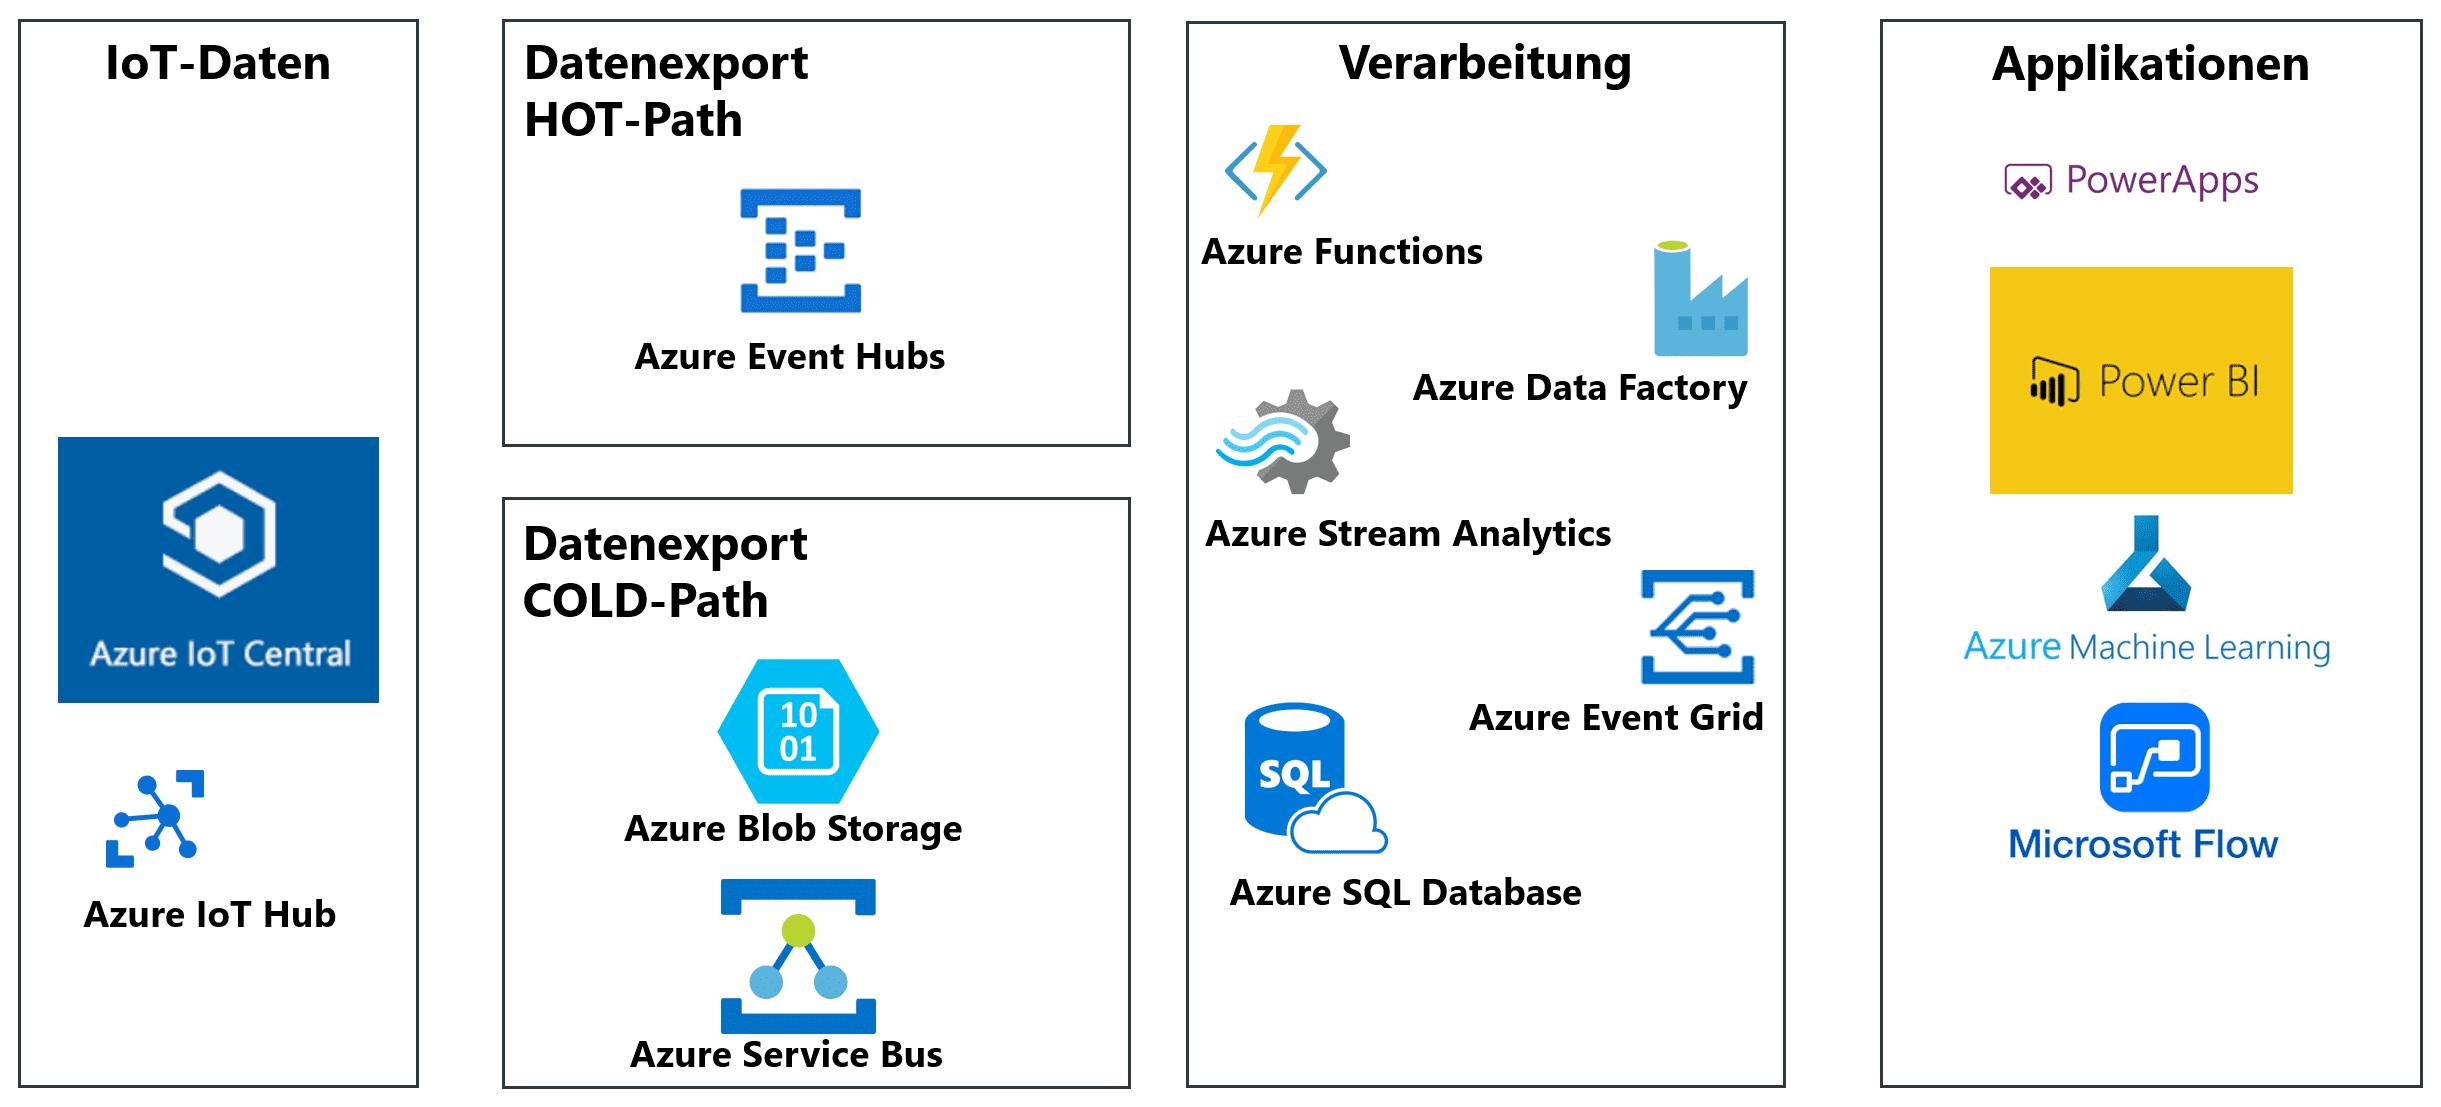 Hot- und Cold-Path für IoT-Daten-Export